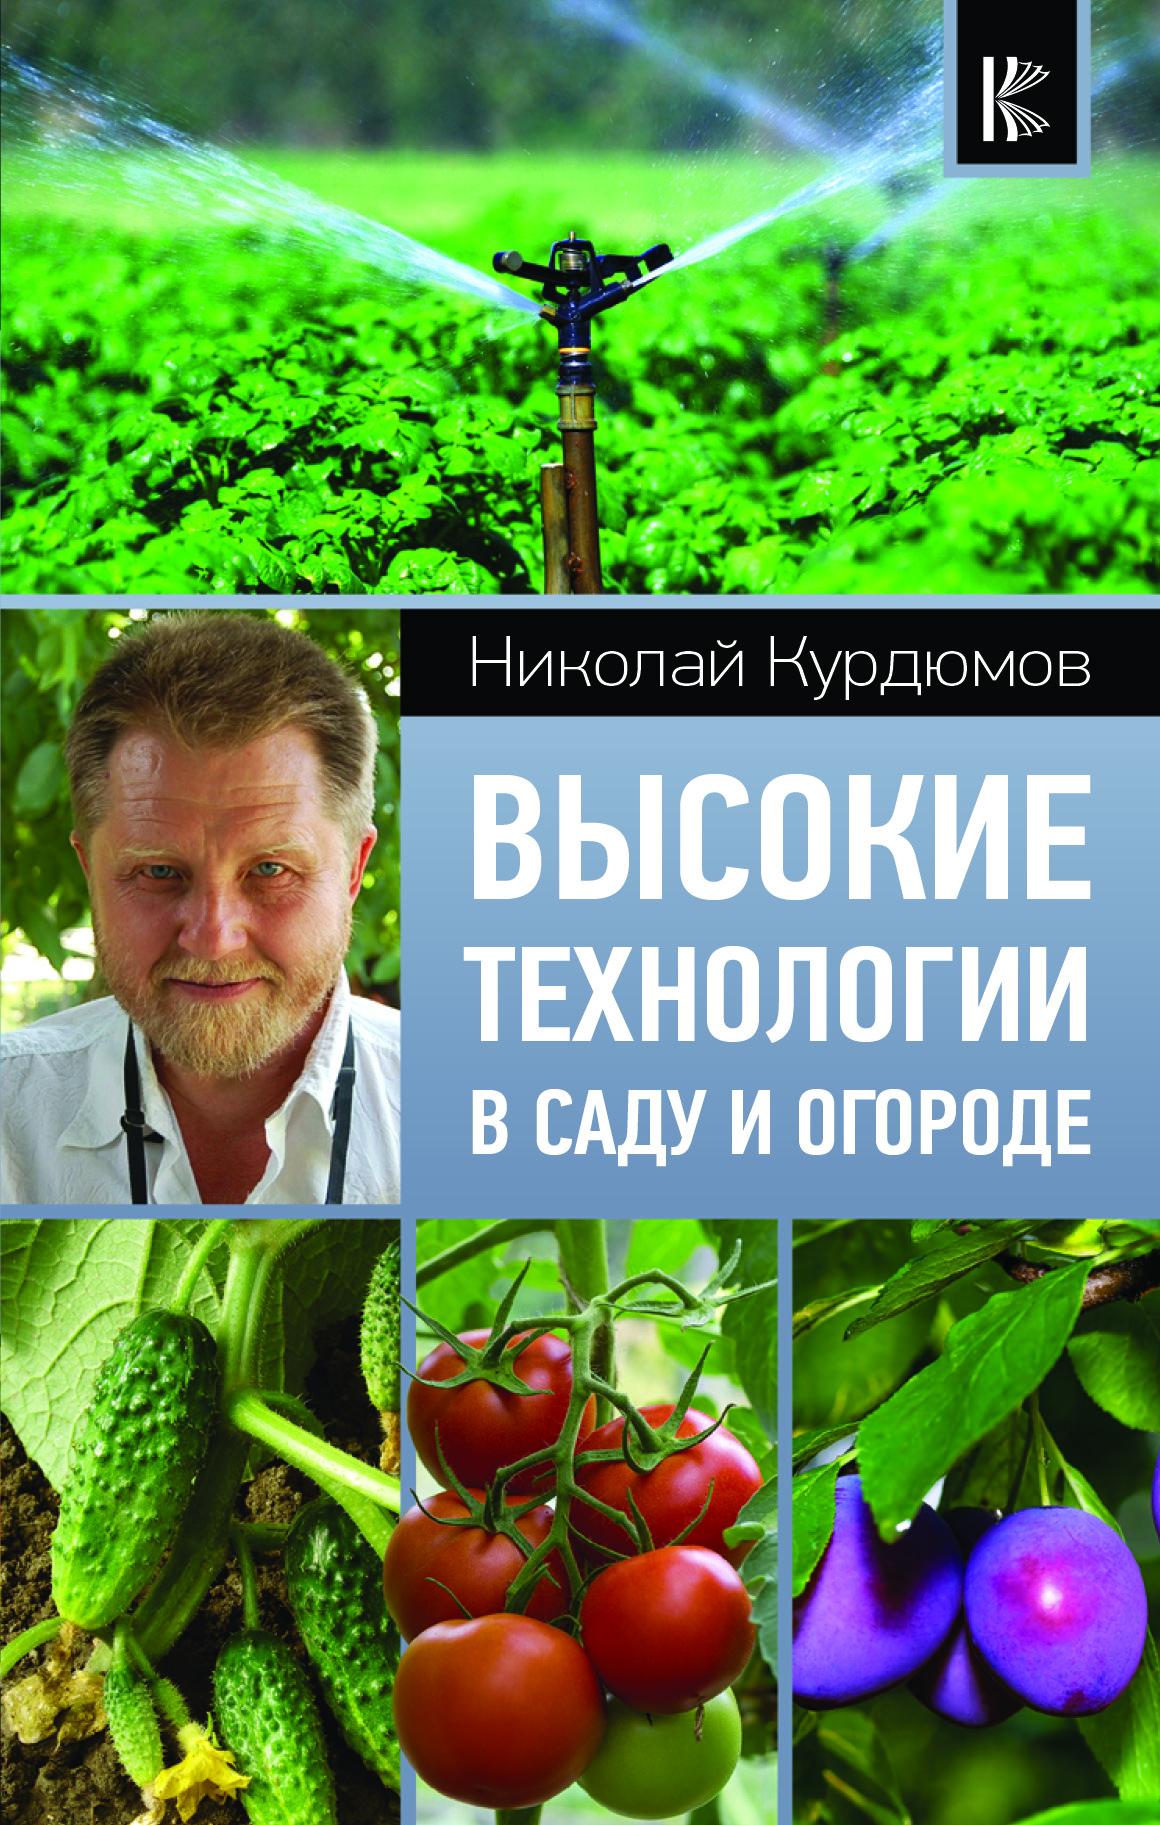 Николай Курдюмов Высокие технологии в саду и огороде уход за растениями